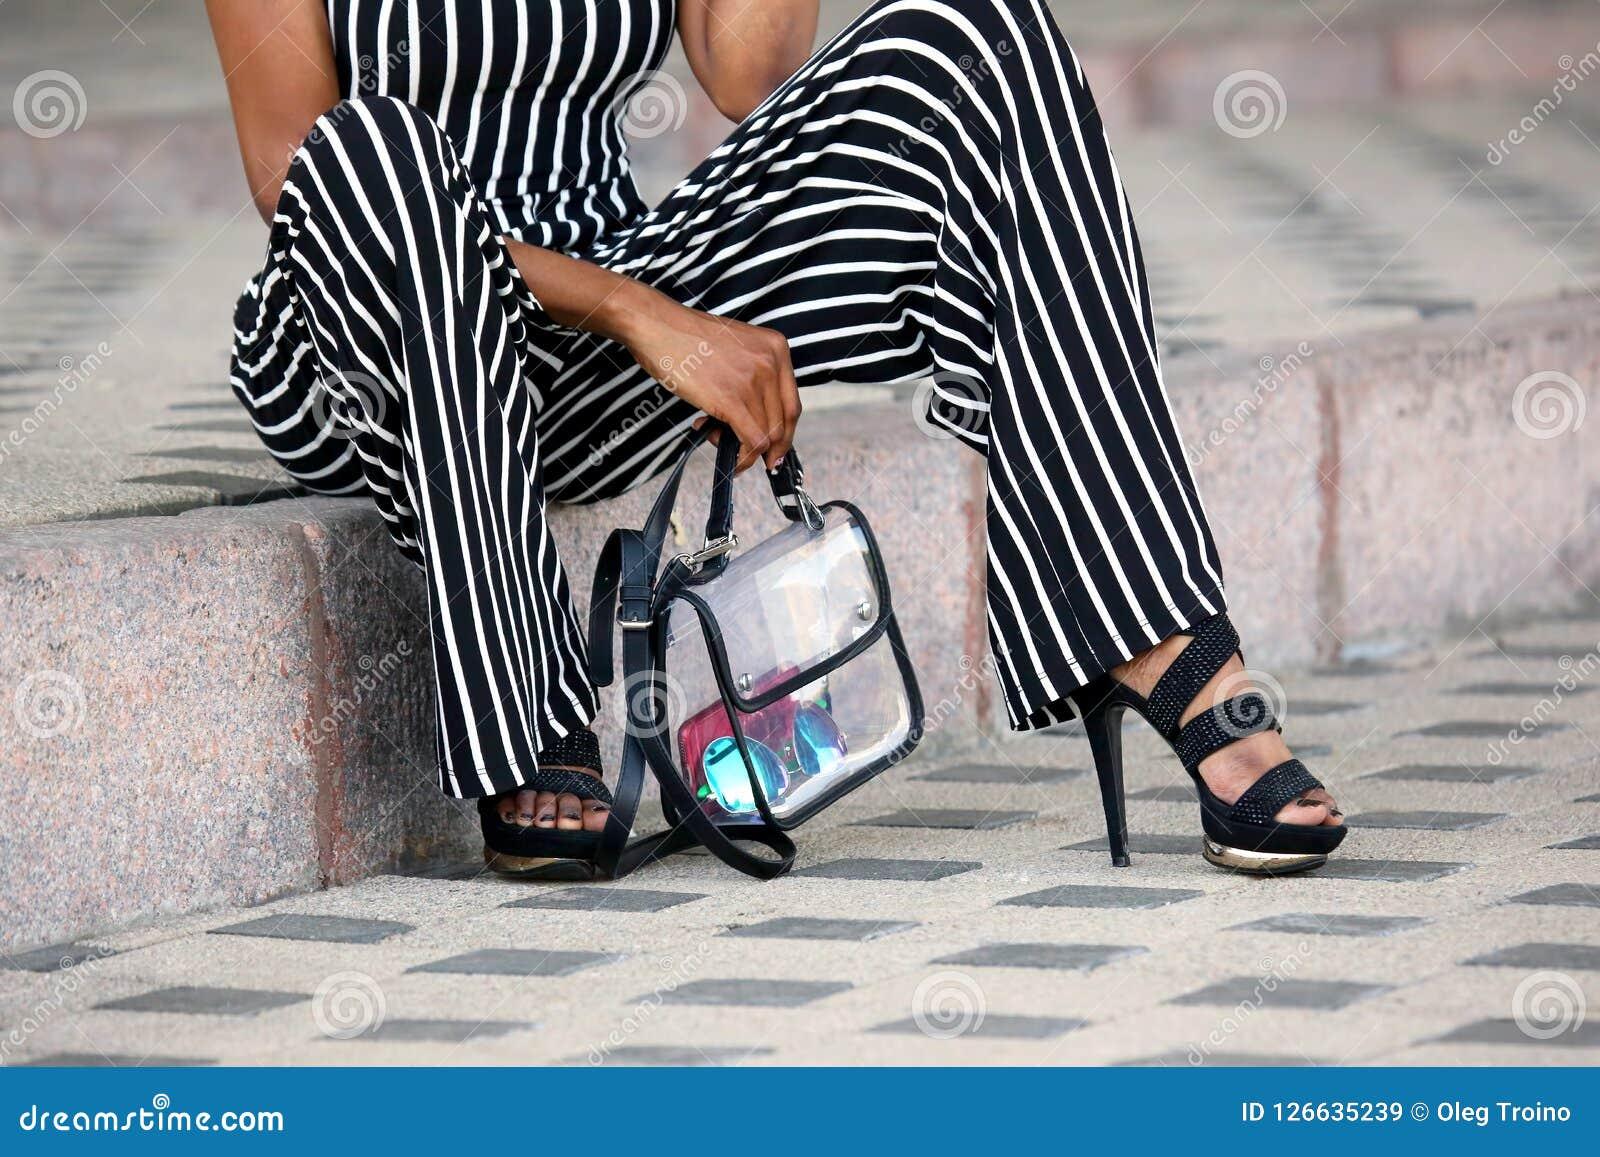 Ноги модно одетой женщины